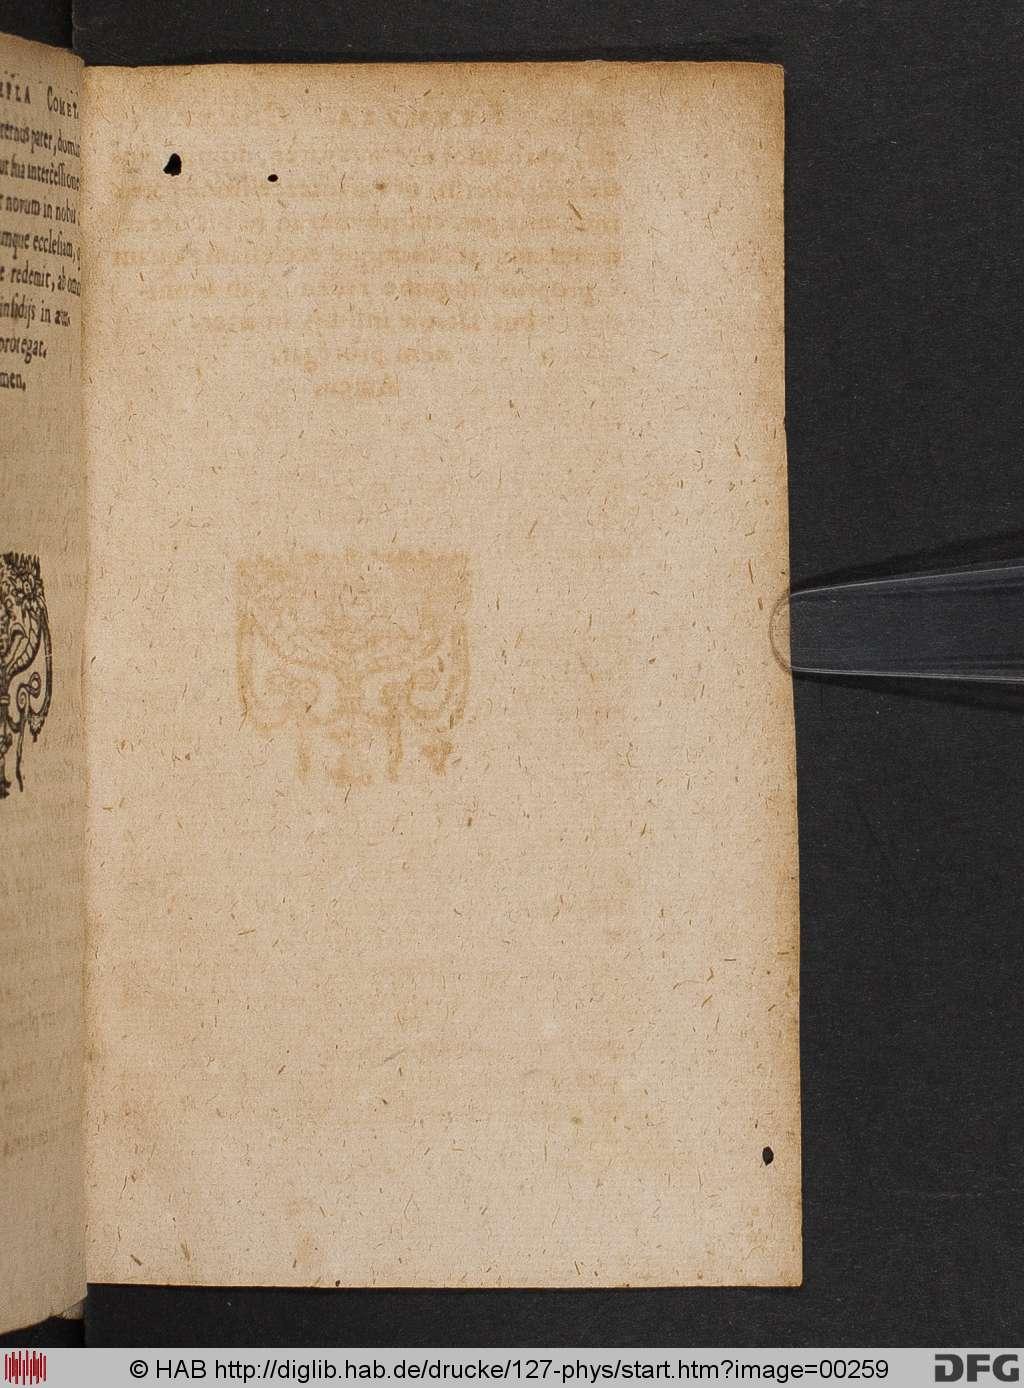 http://diglib.hab.de/drucke/127-phys/00259.jpg